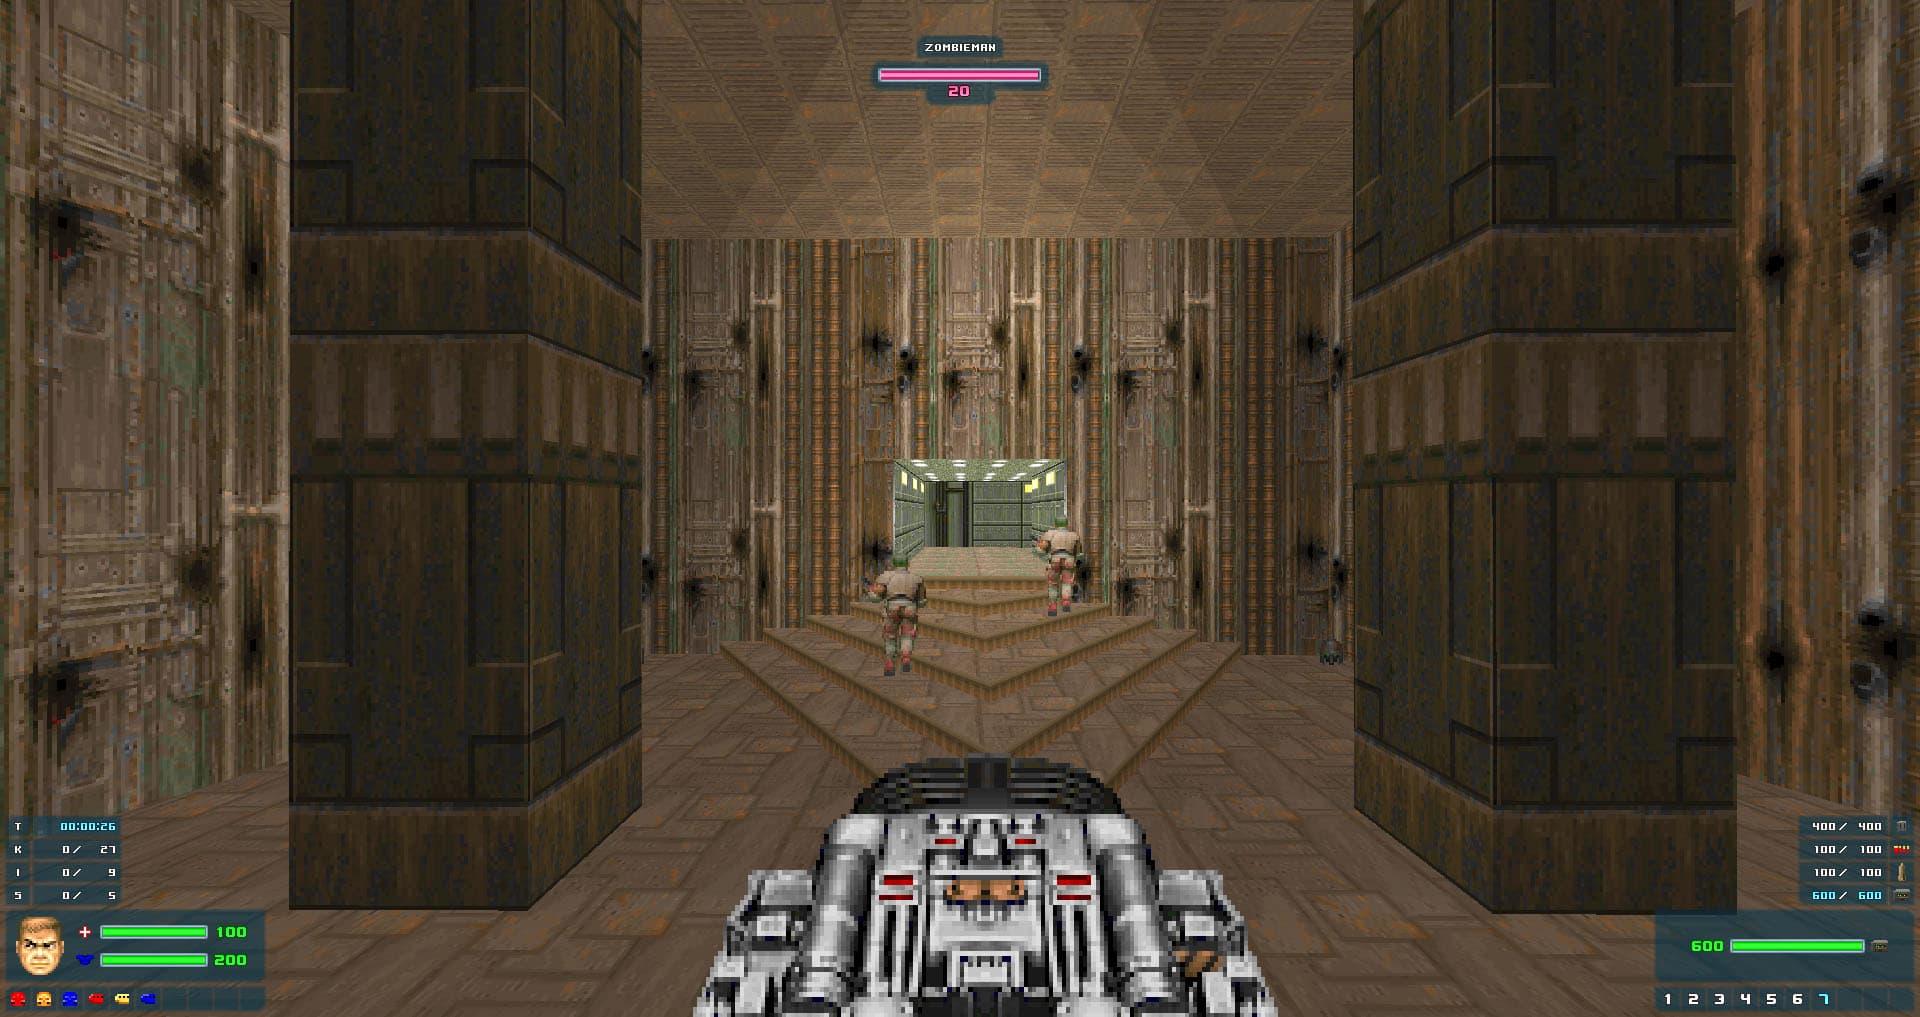 Скачать NC HUD 2 4 0 для Doom • Моды и уровни Doom 1 и Doom